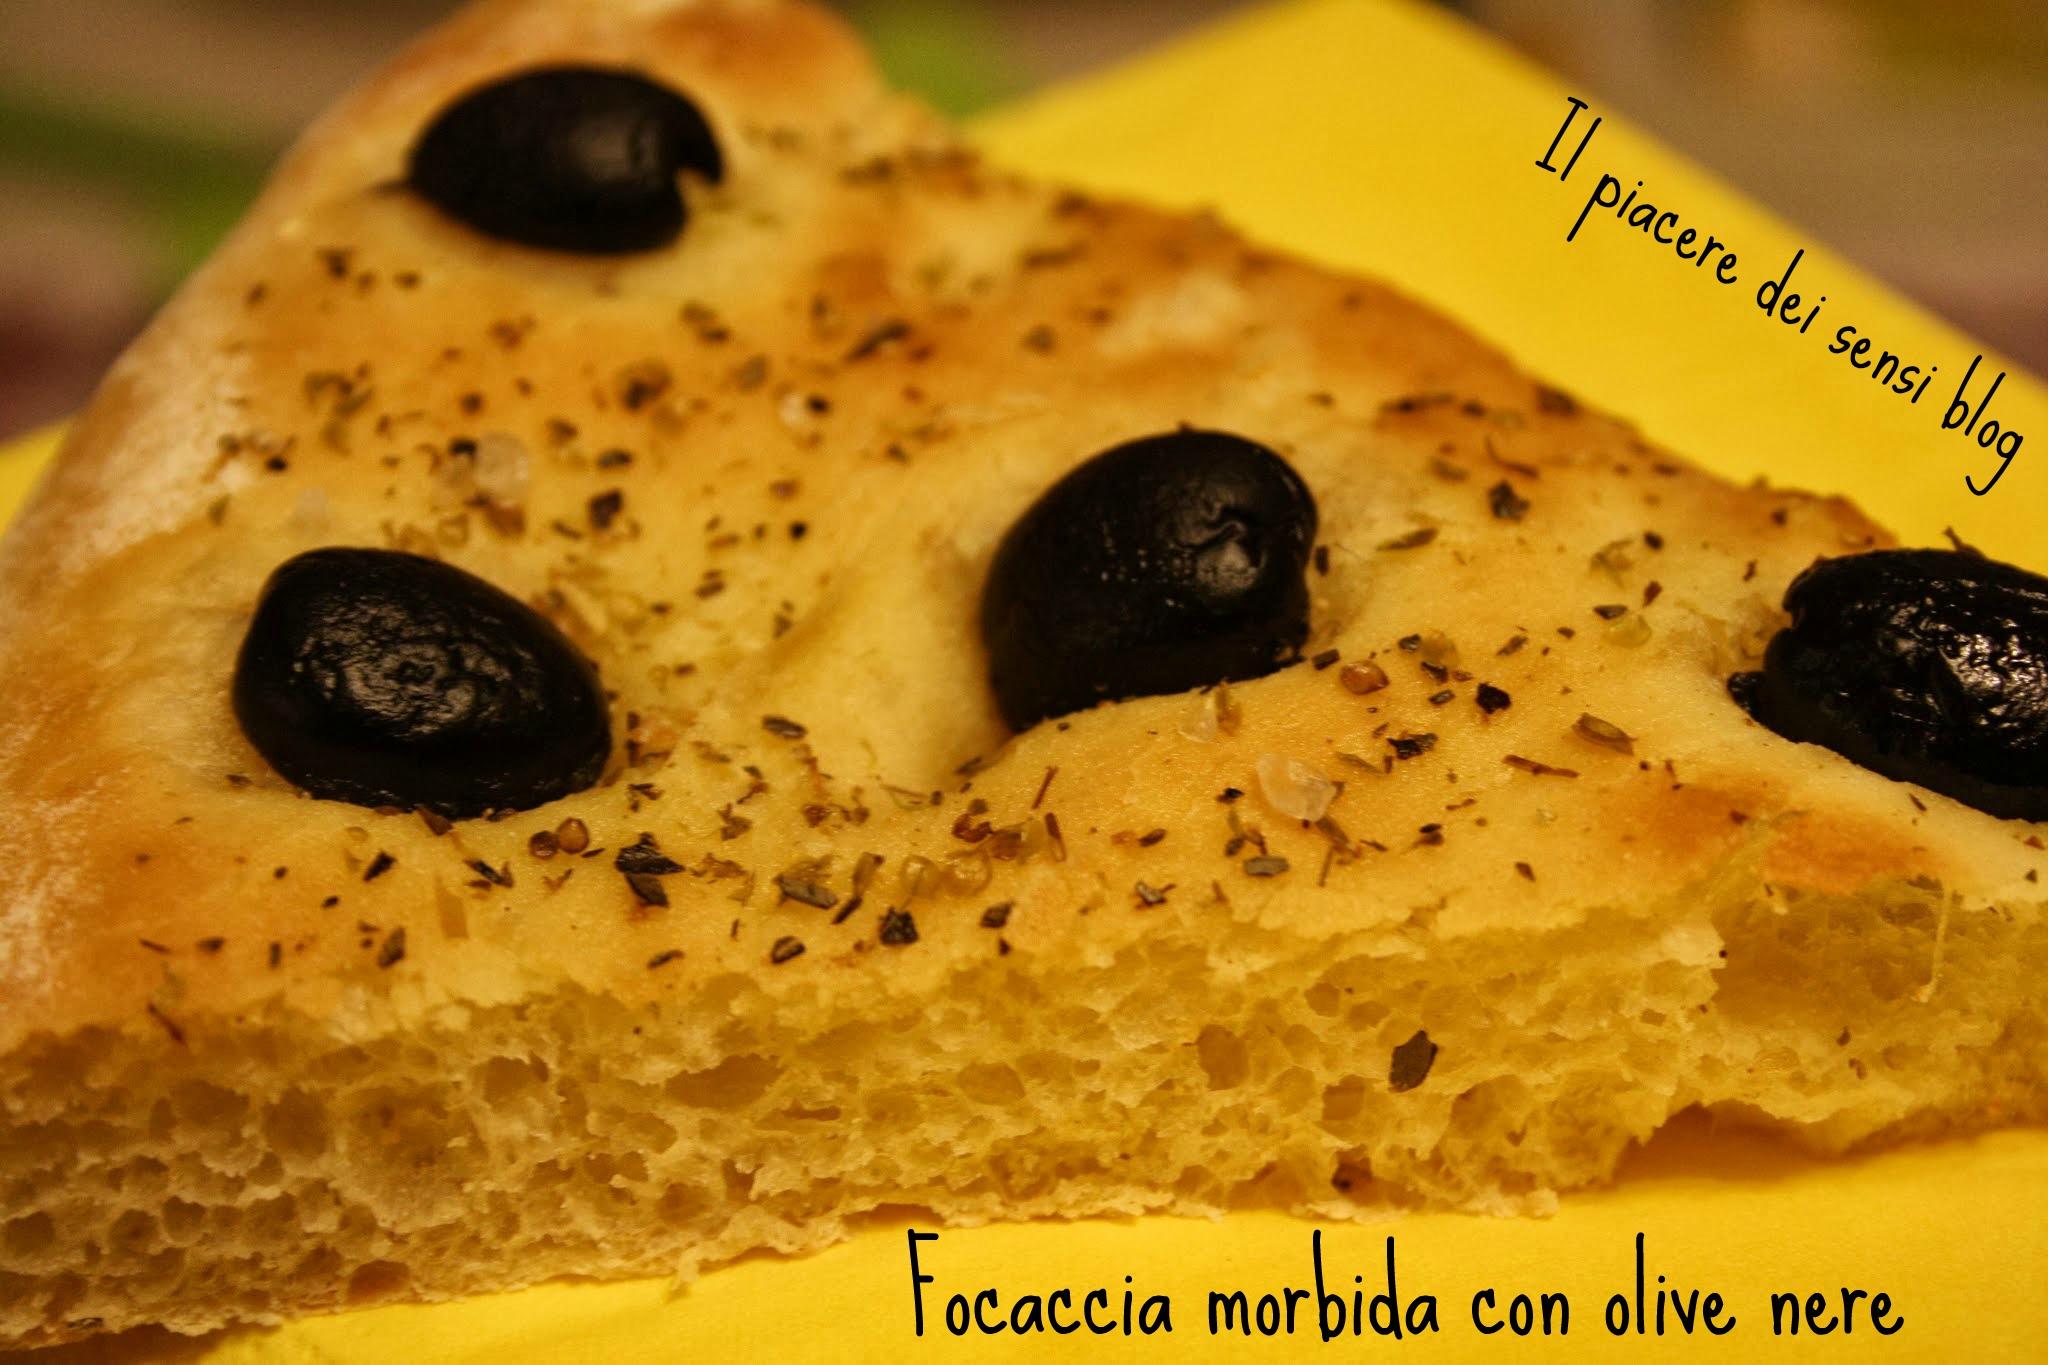 Focaccia morbida con olive nere